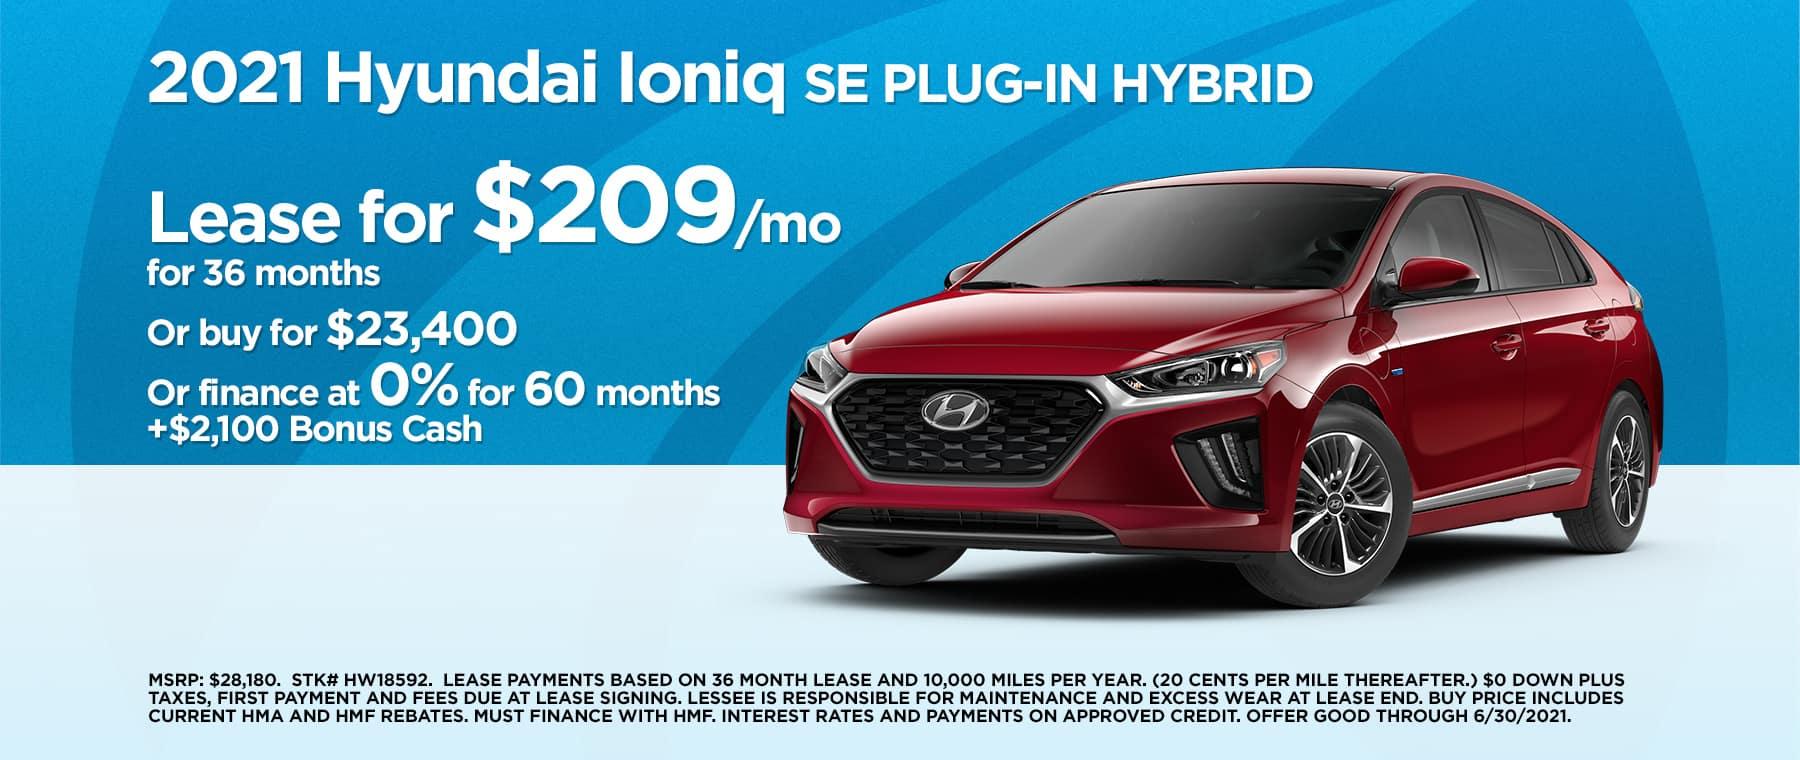 2106 Hyundai Ioniq